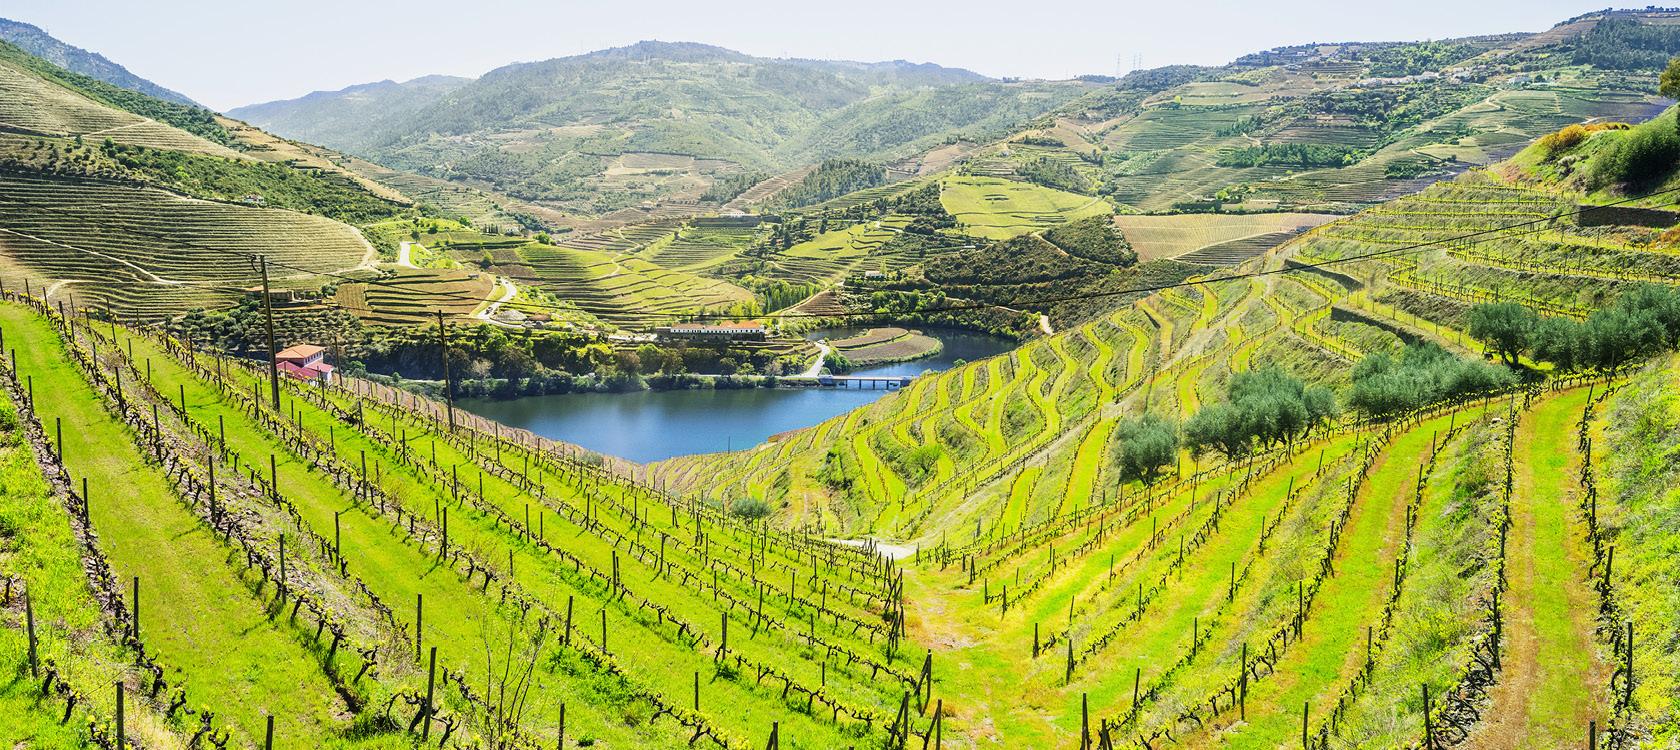 Vinodlingar på sluttningarna i den frodiga Dourodalen i Portugal.